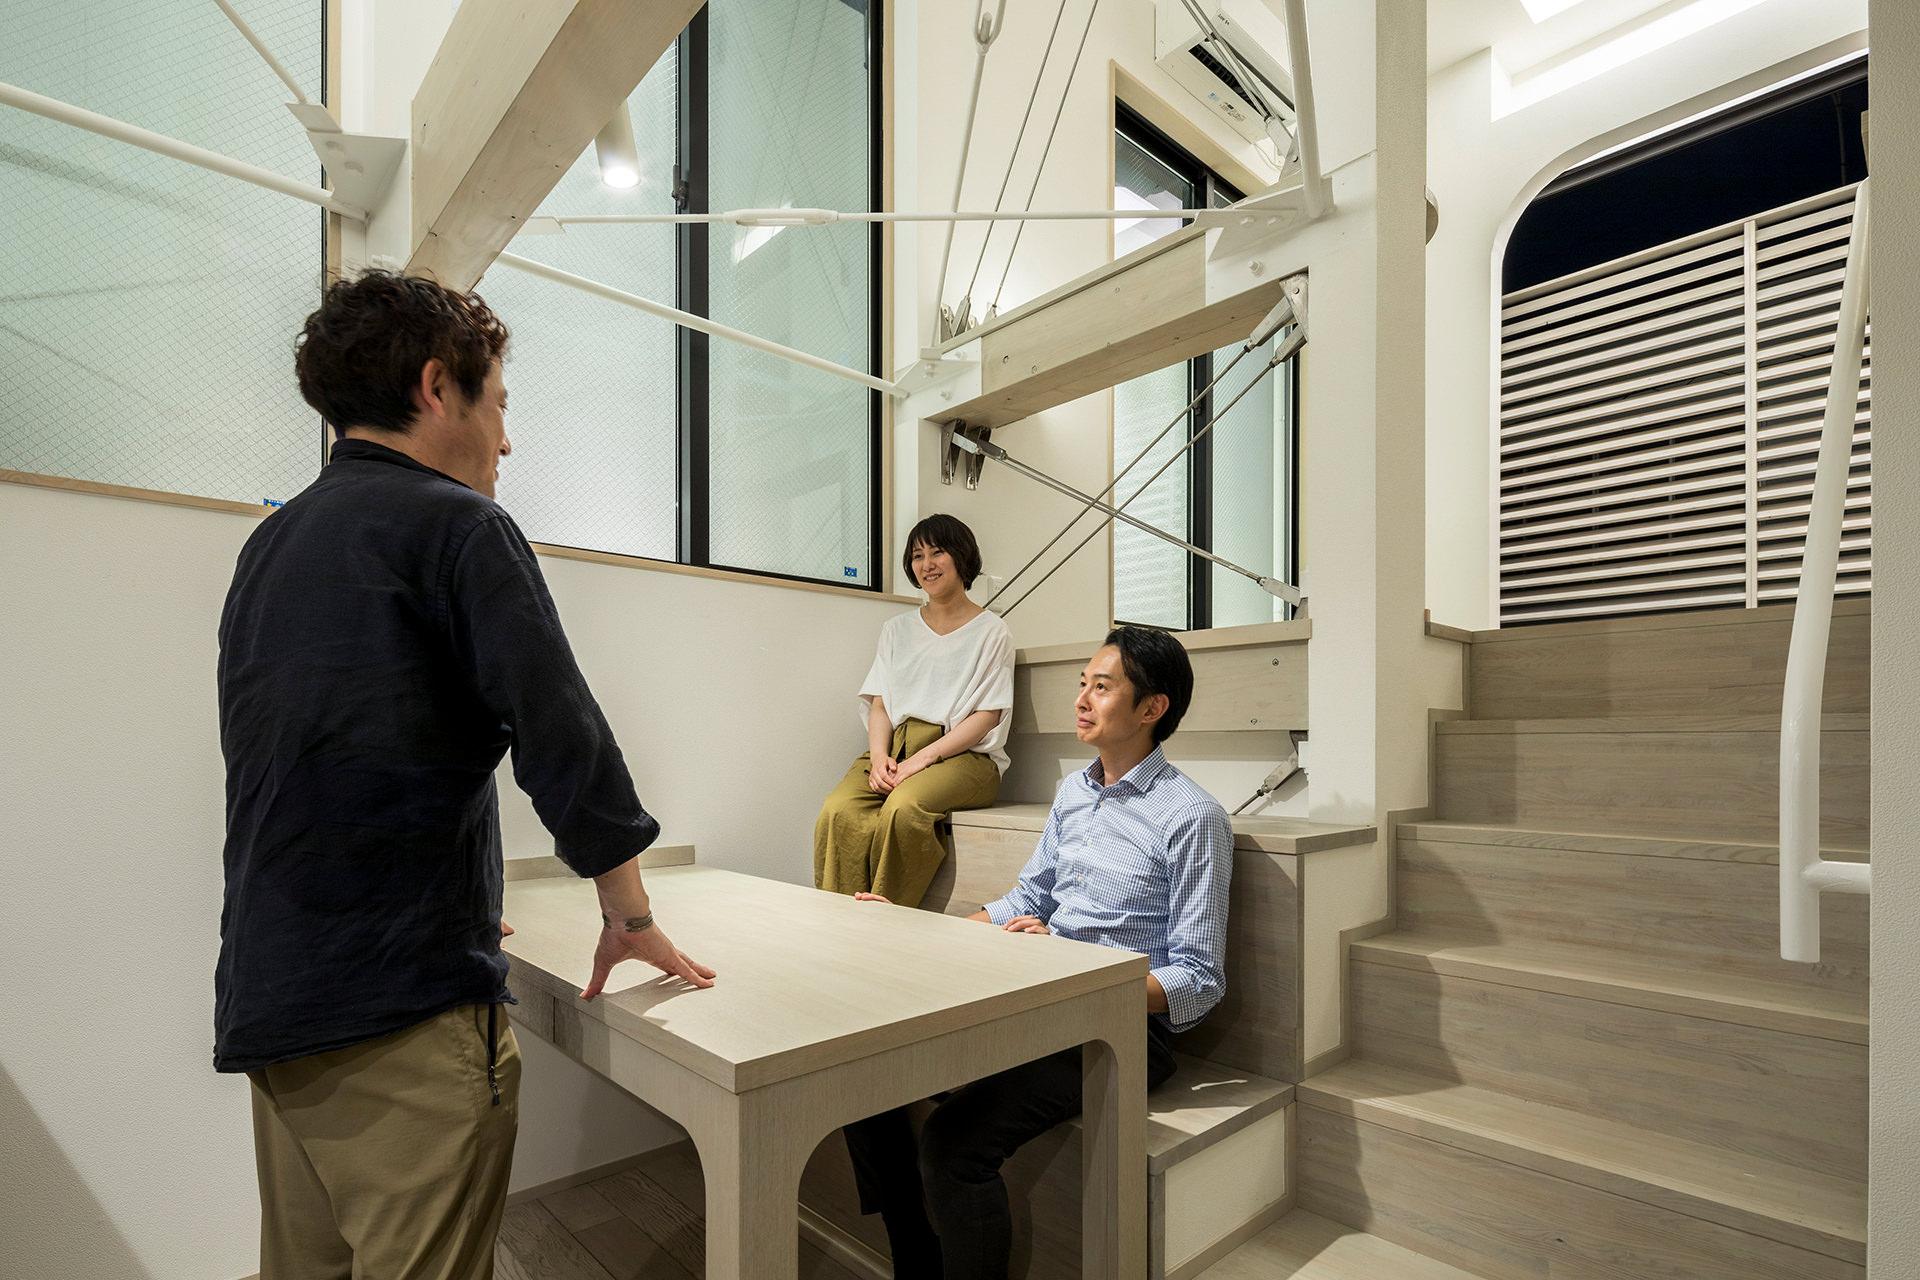 「6坪の家」 イメージ11 撮影:東涌写真事務所・東涌宏和